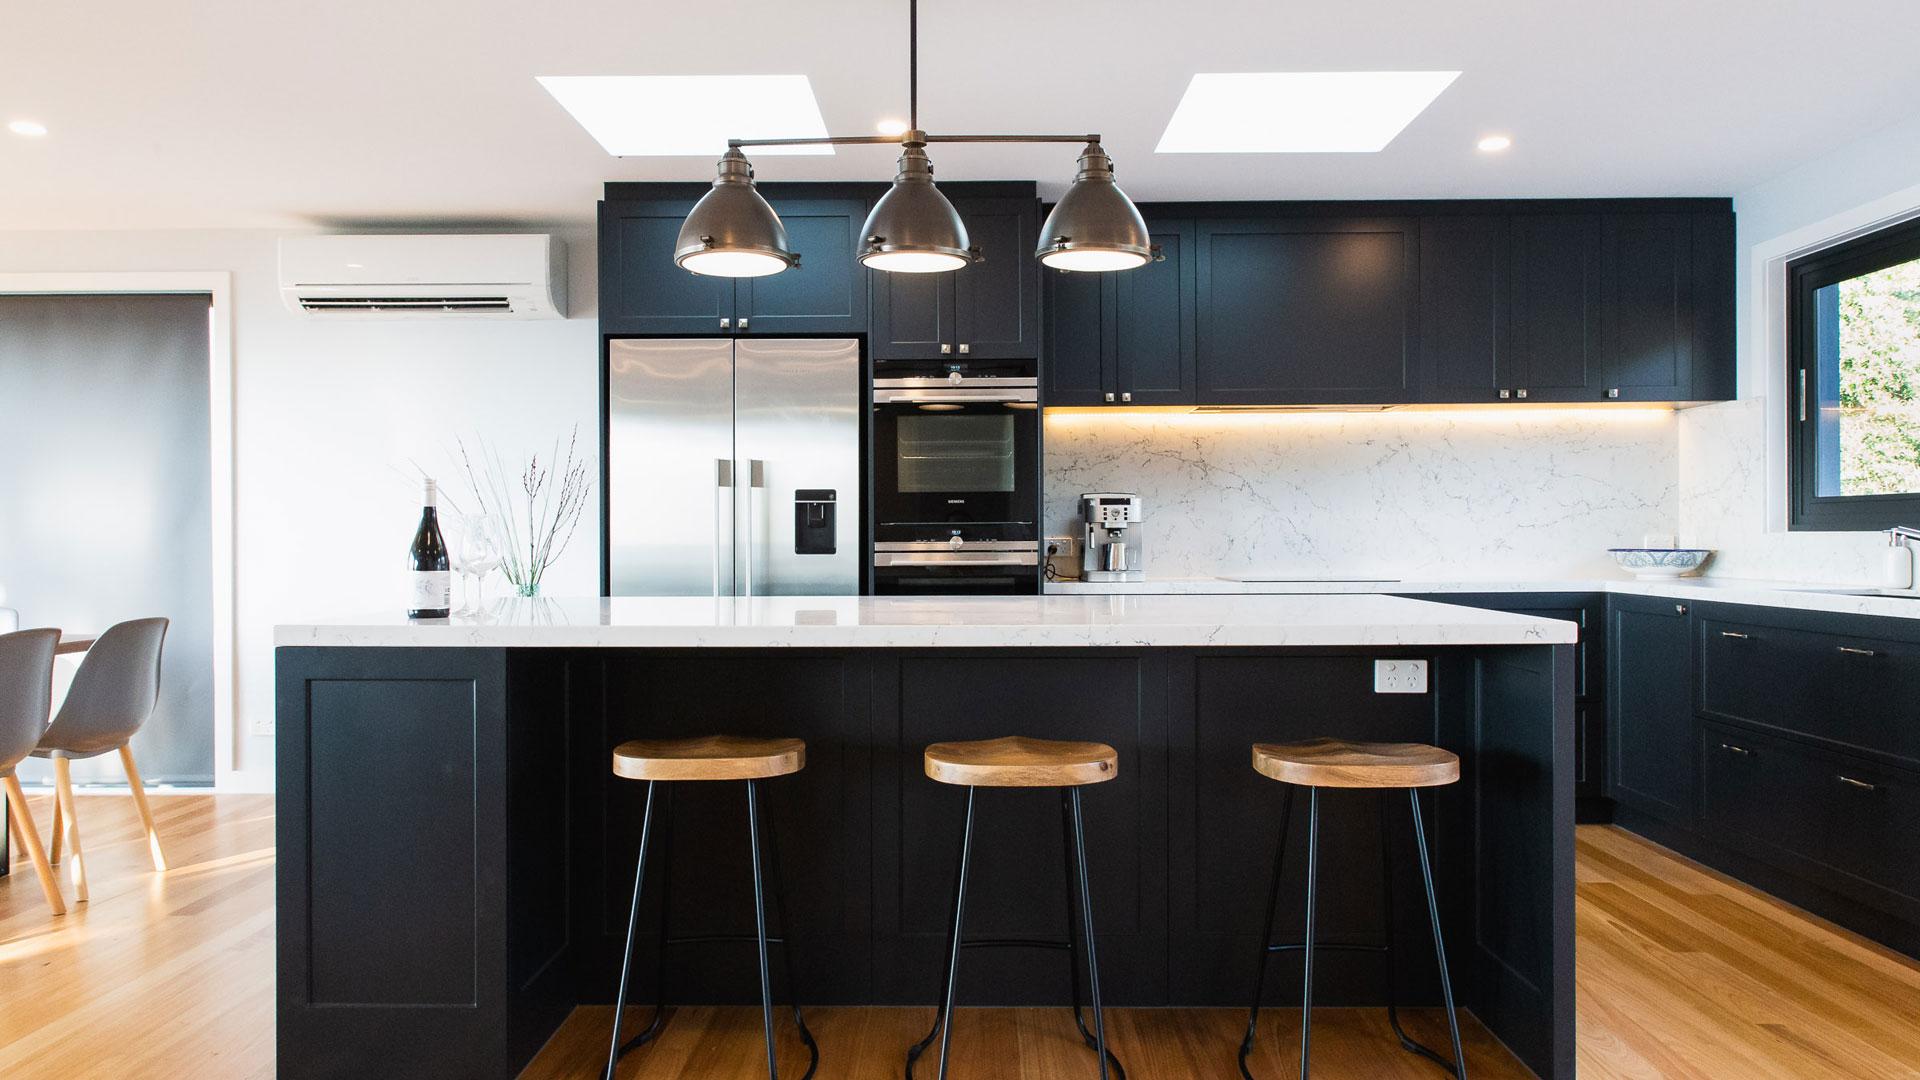 Esplanade-kitchen-builder-home